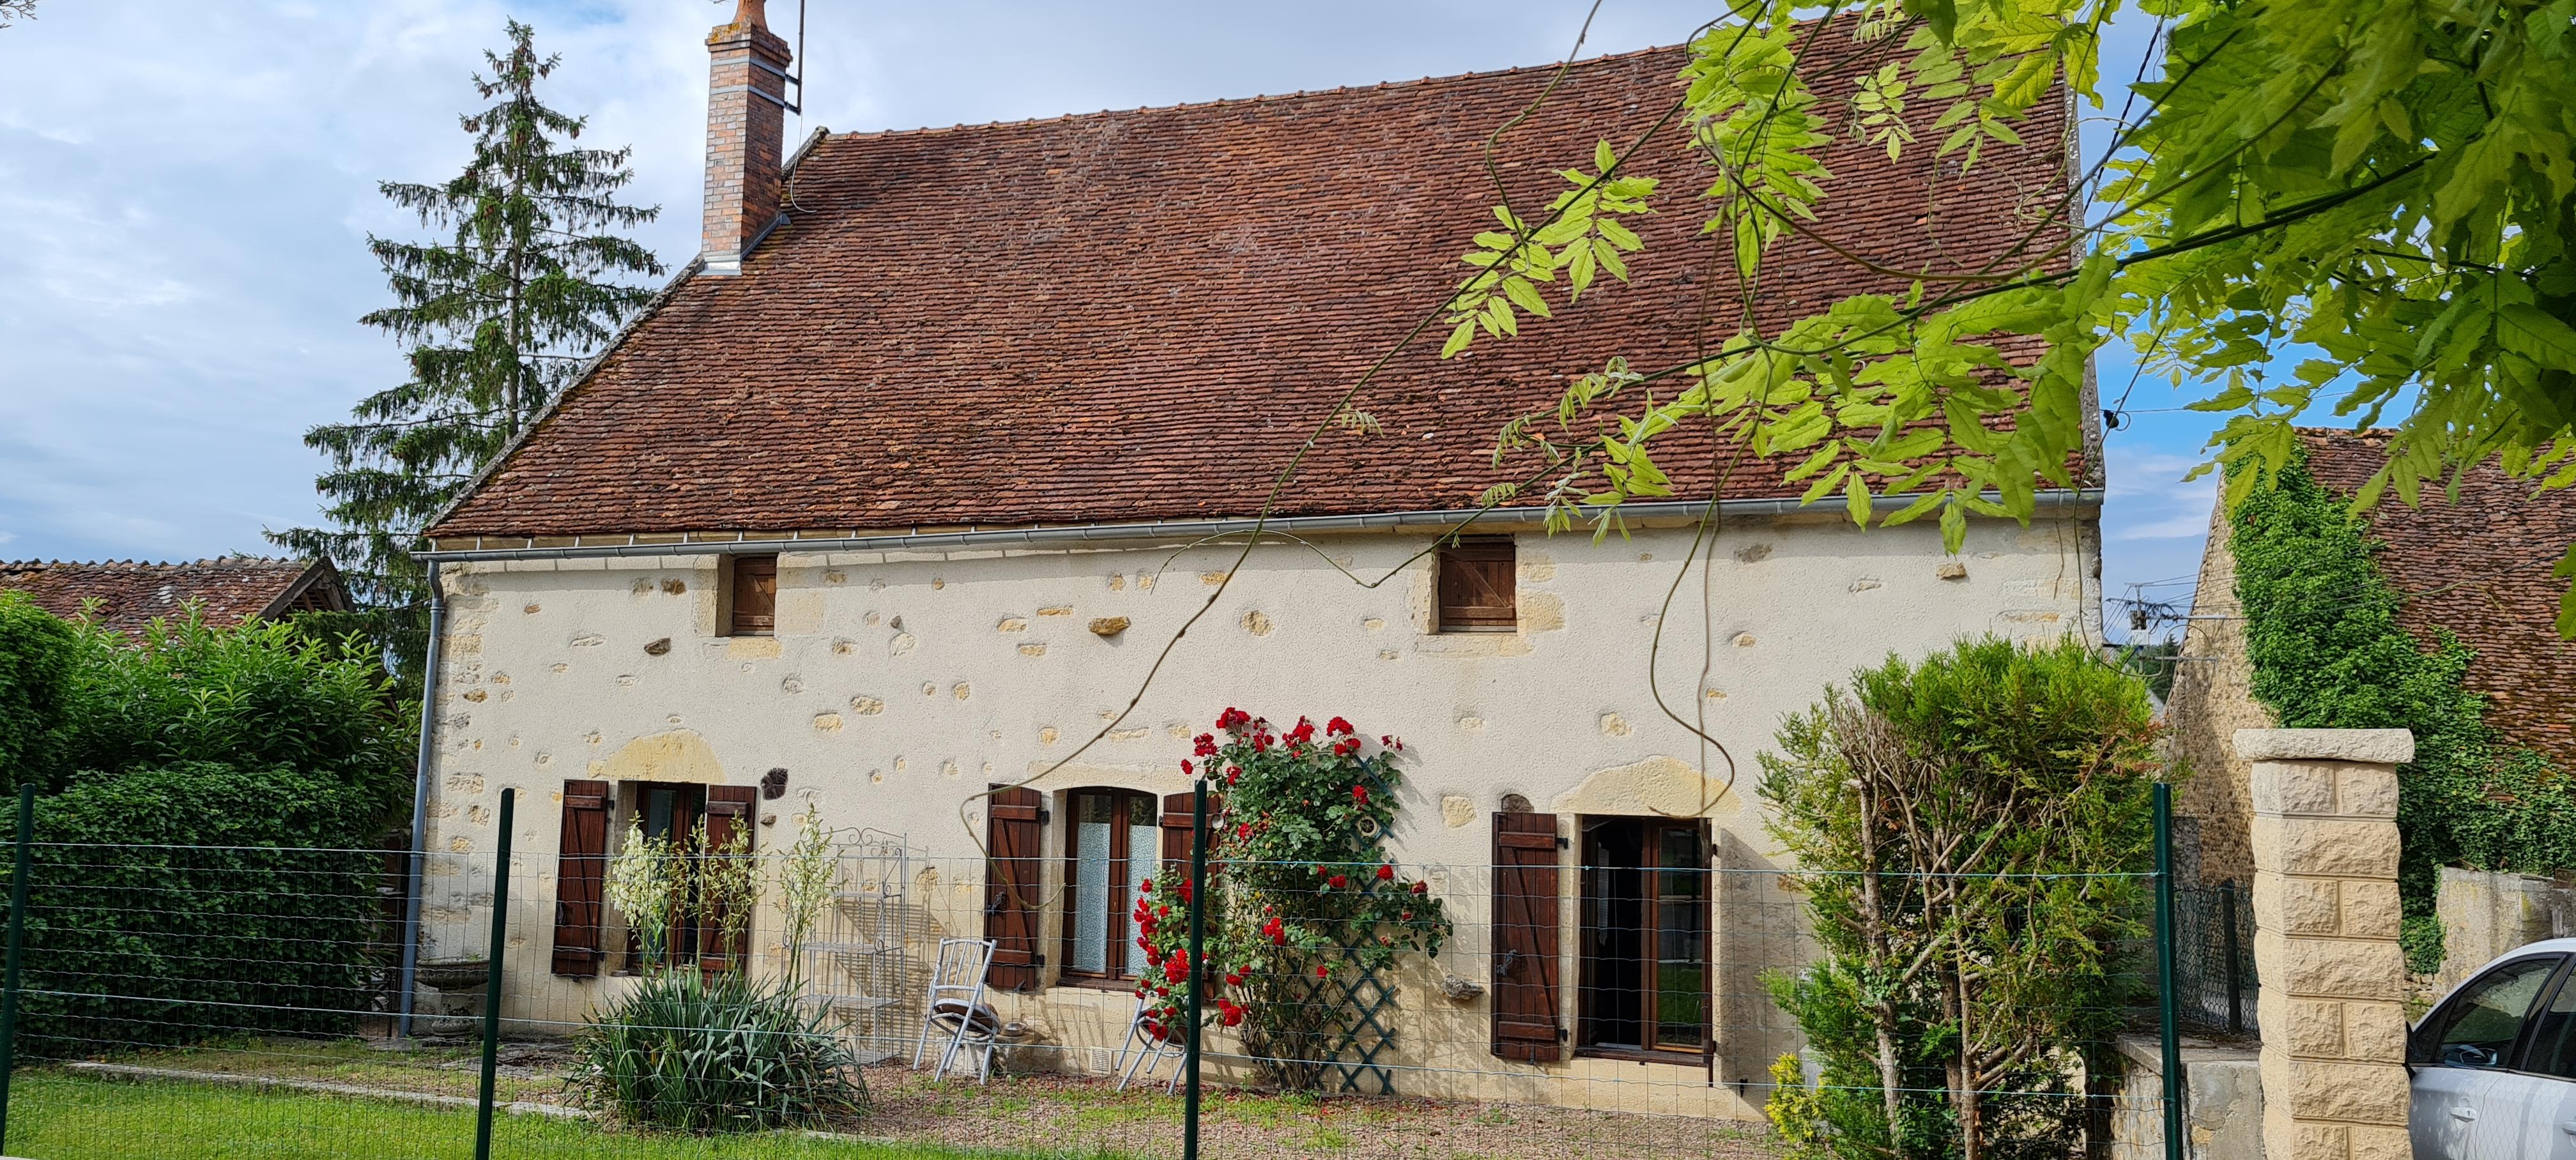 Ensemble immobilier : deux maisons d'habitation 83 m² et 94 m² proche CLAMECY